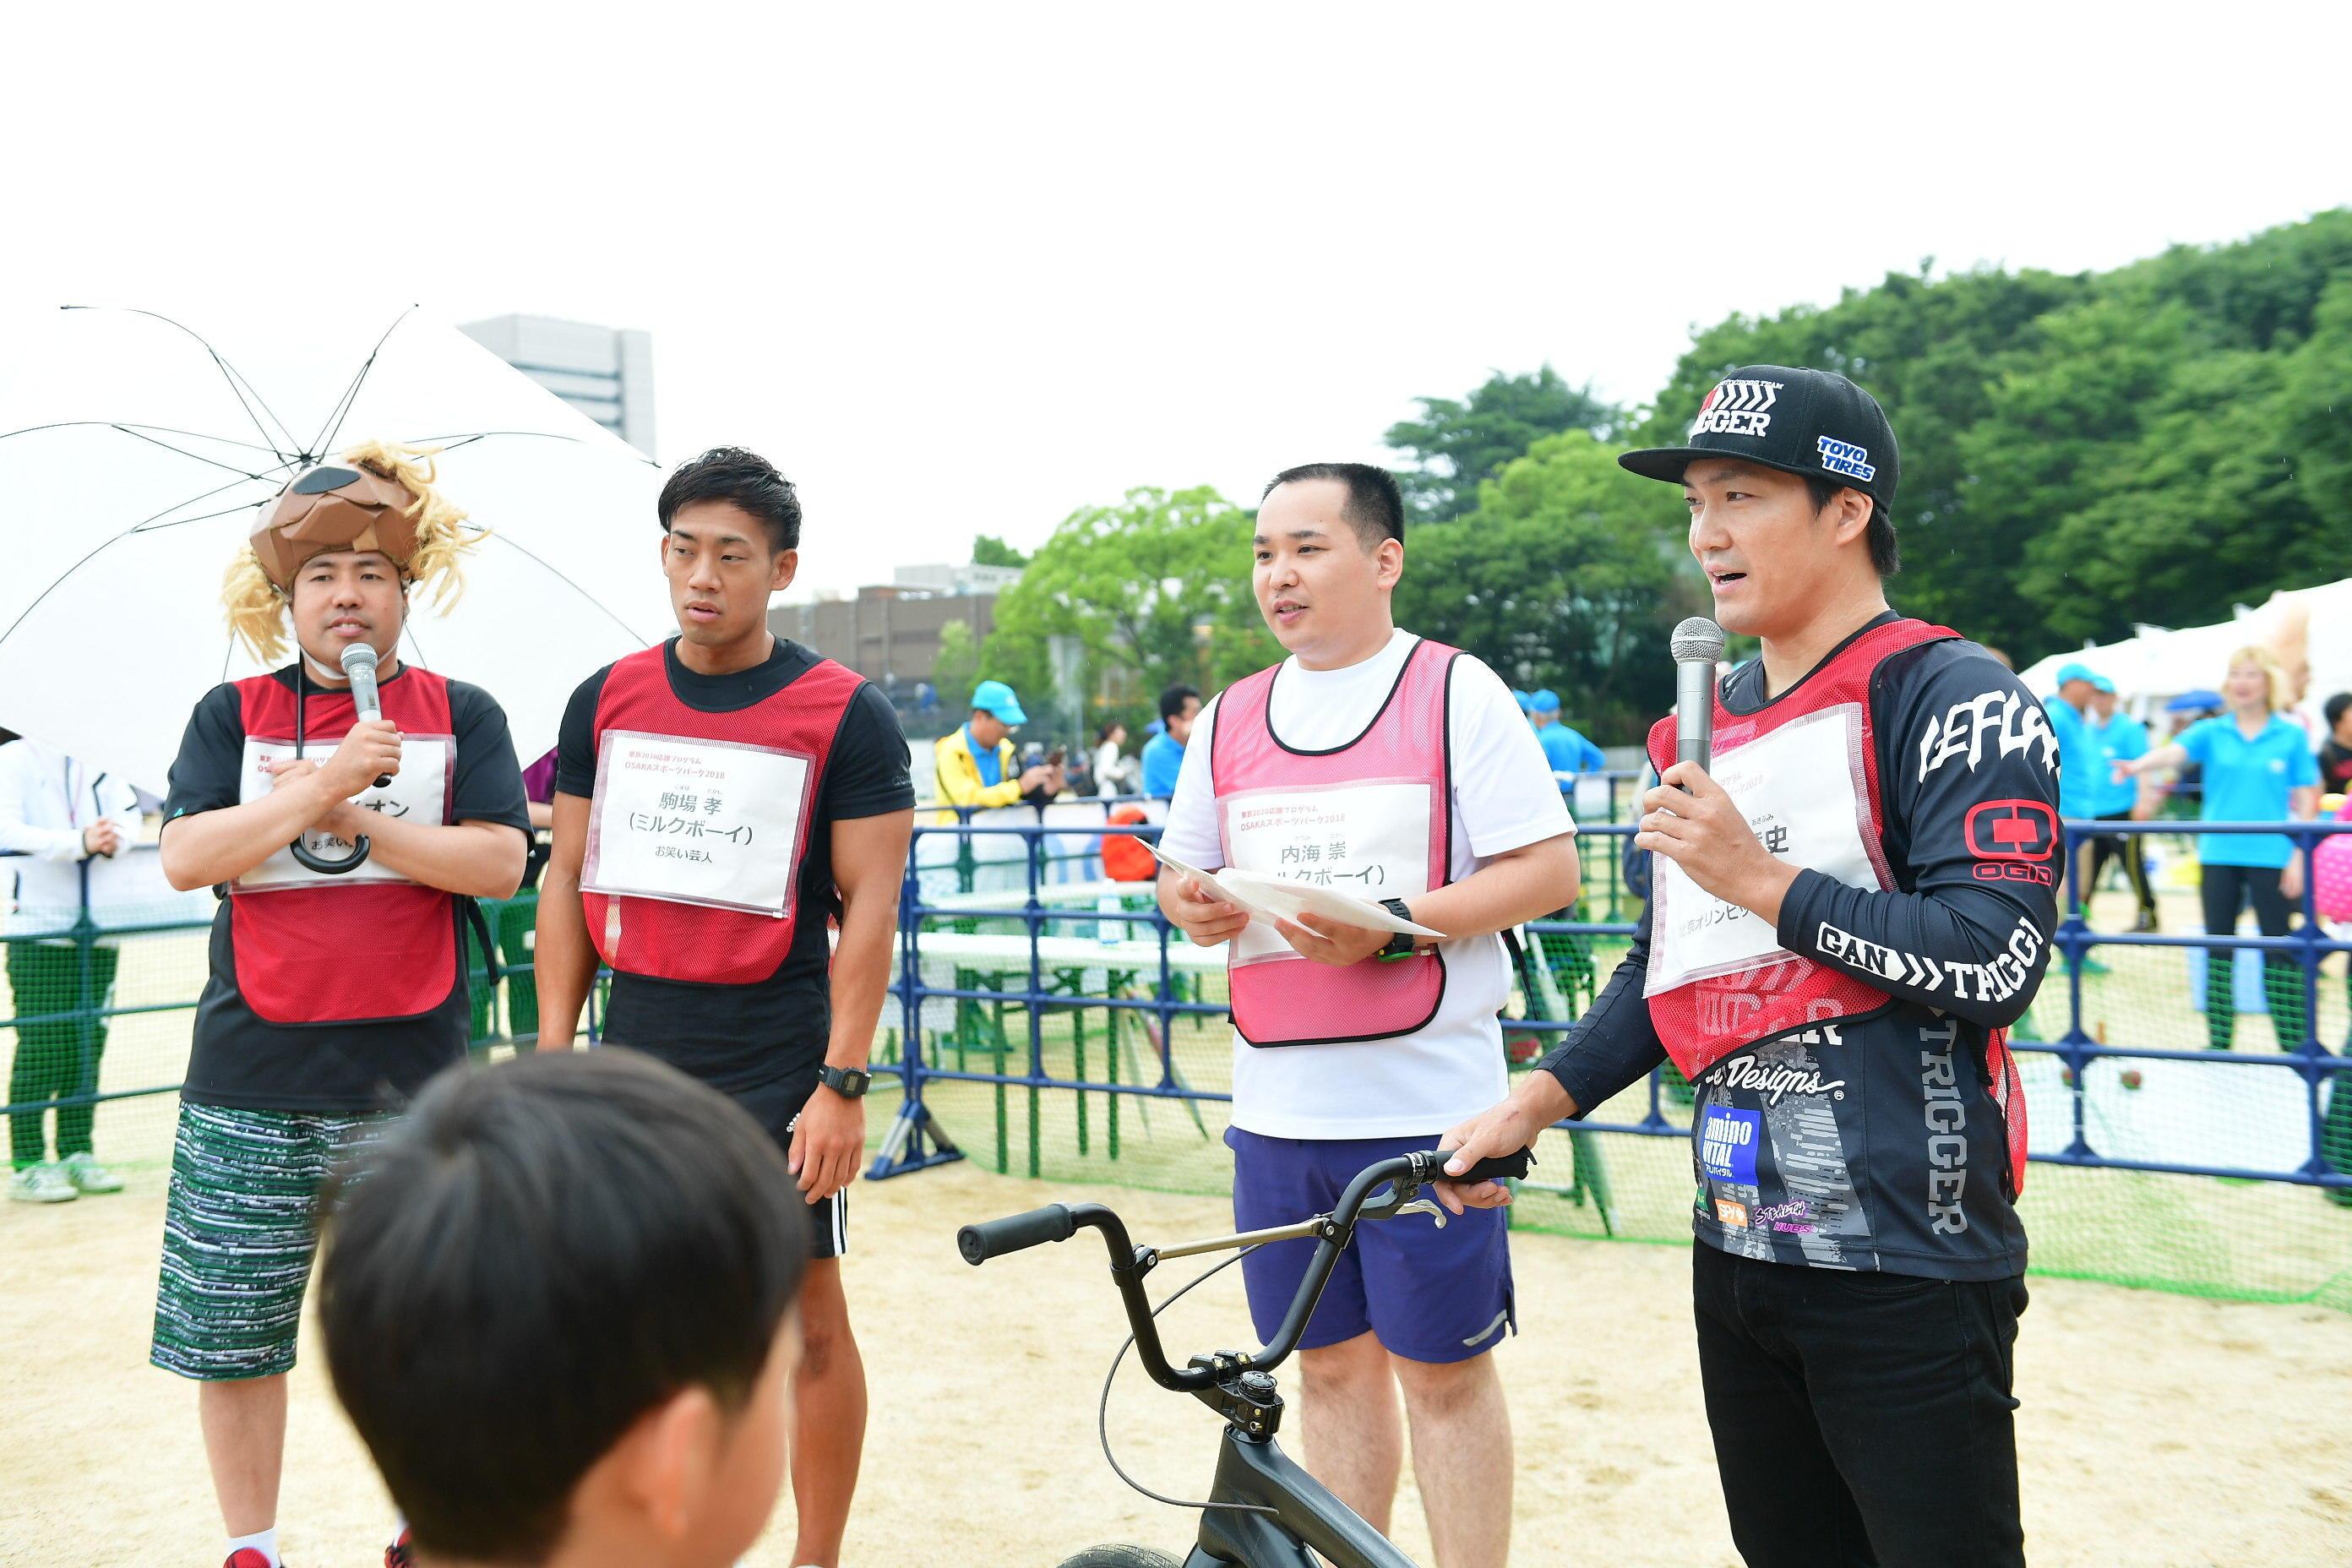 http://news.yoshimoto.co.jp/20180612160733-545c2b2c4c929cdec6c2965475eeb9665e4c680d.jpg